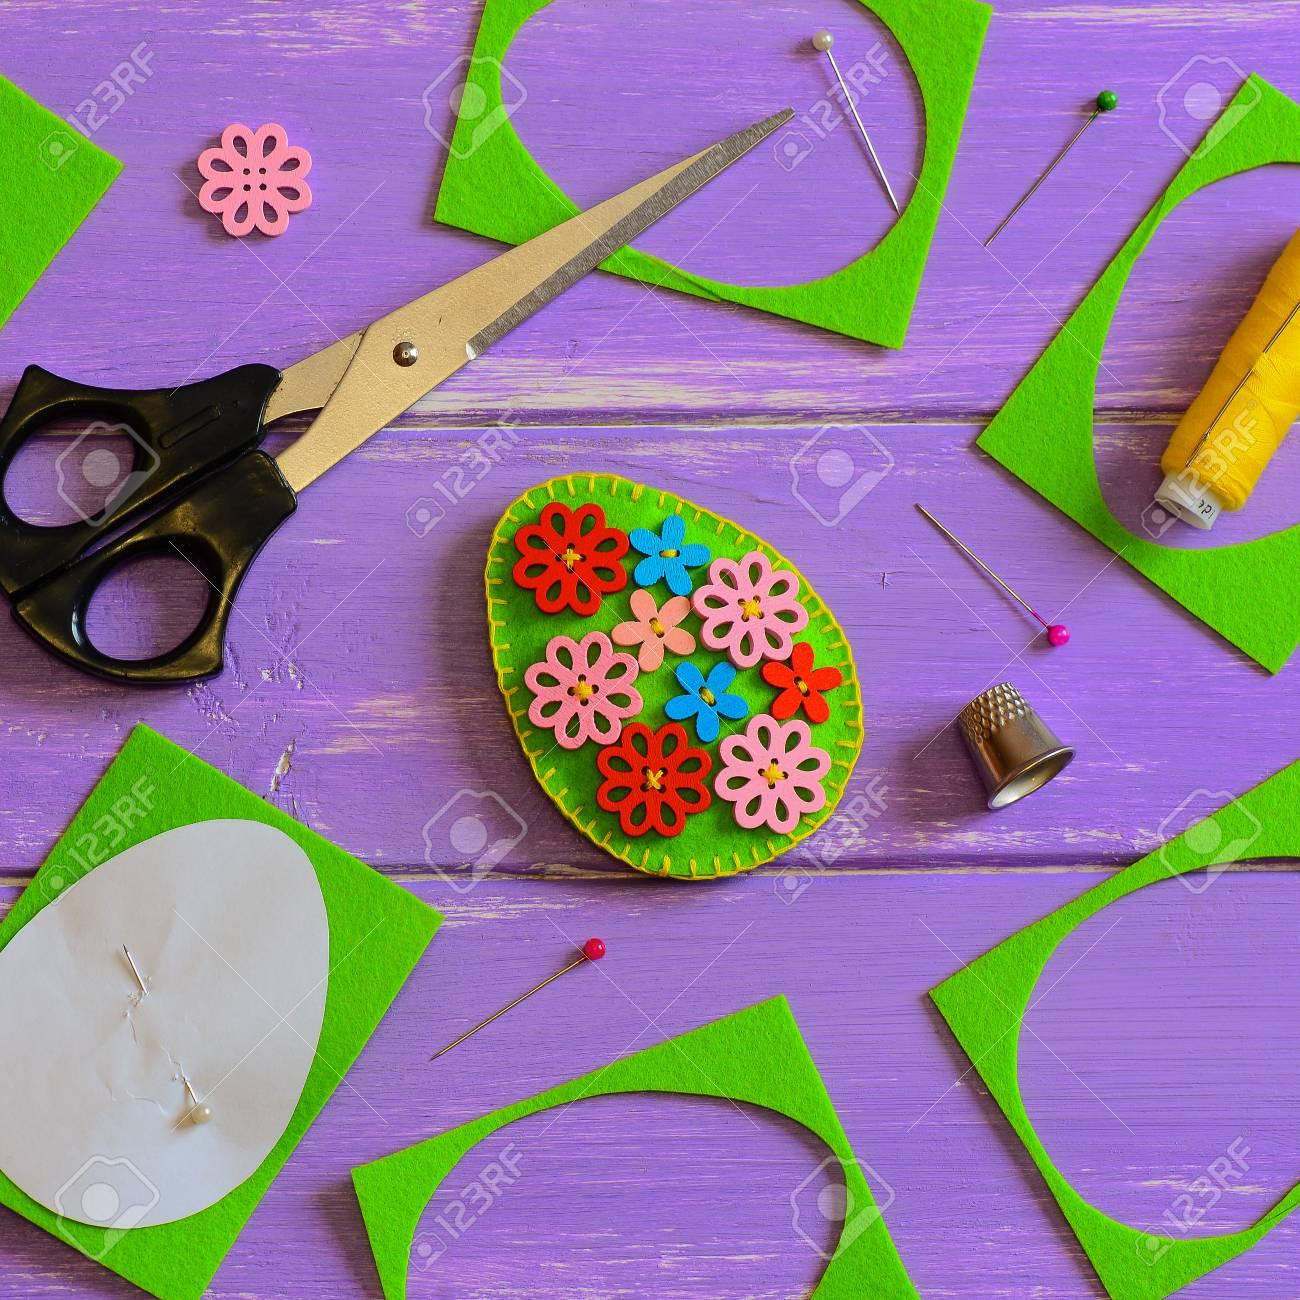 Simple Felt Easter Egg Decor Handmade Felt Easter Egg With Colored